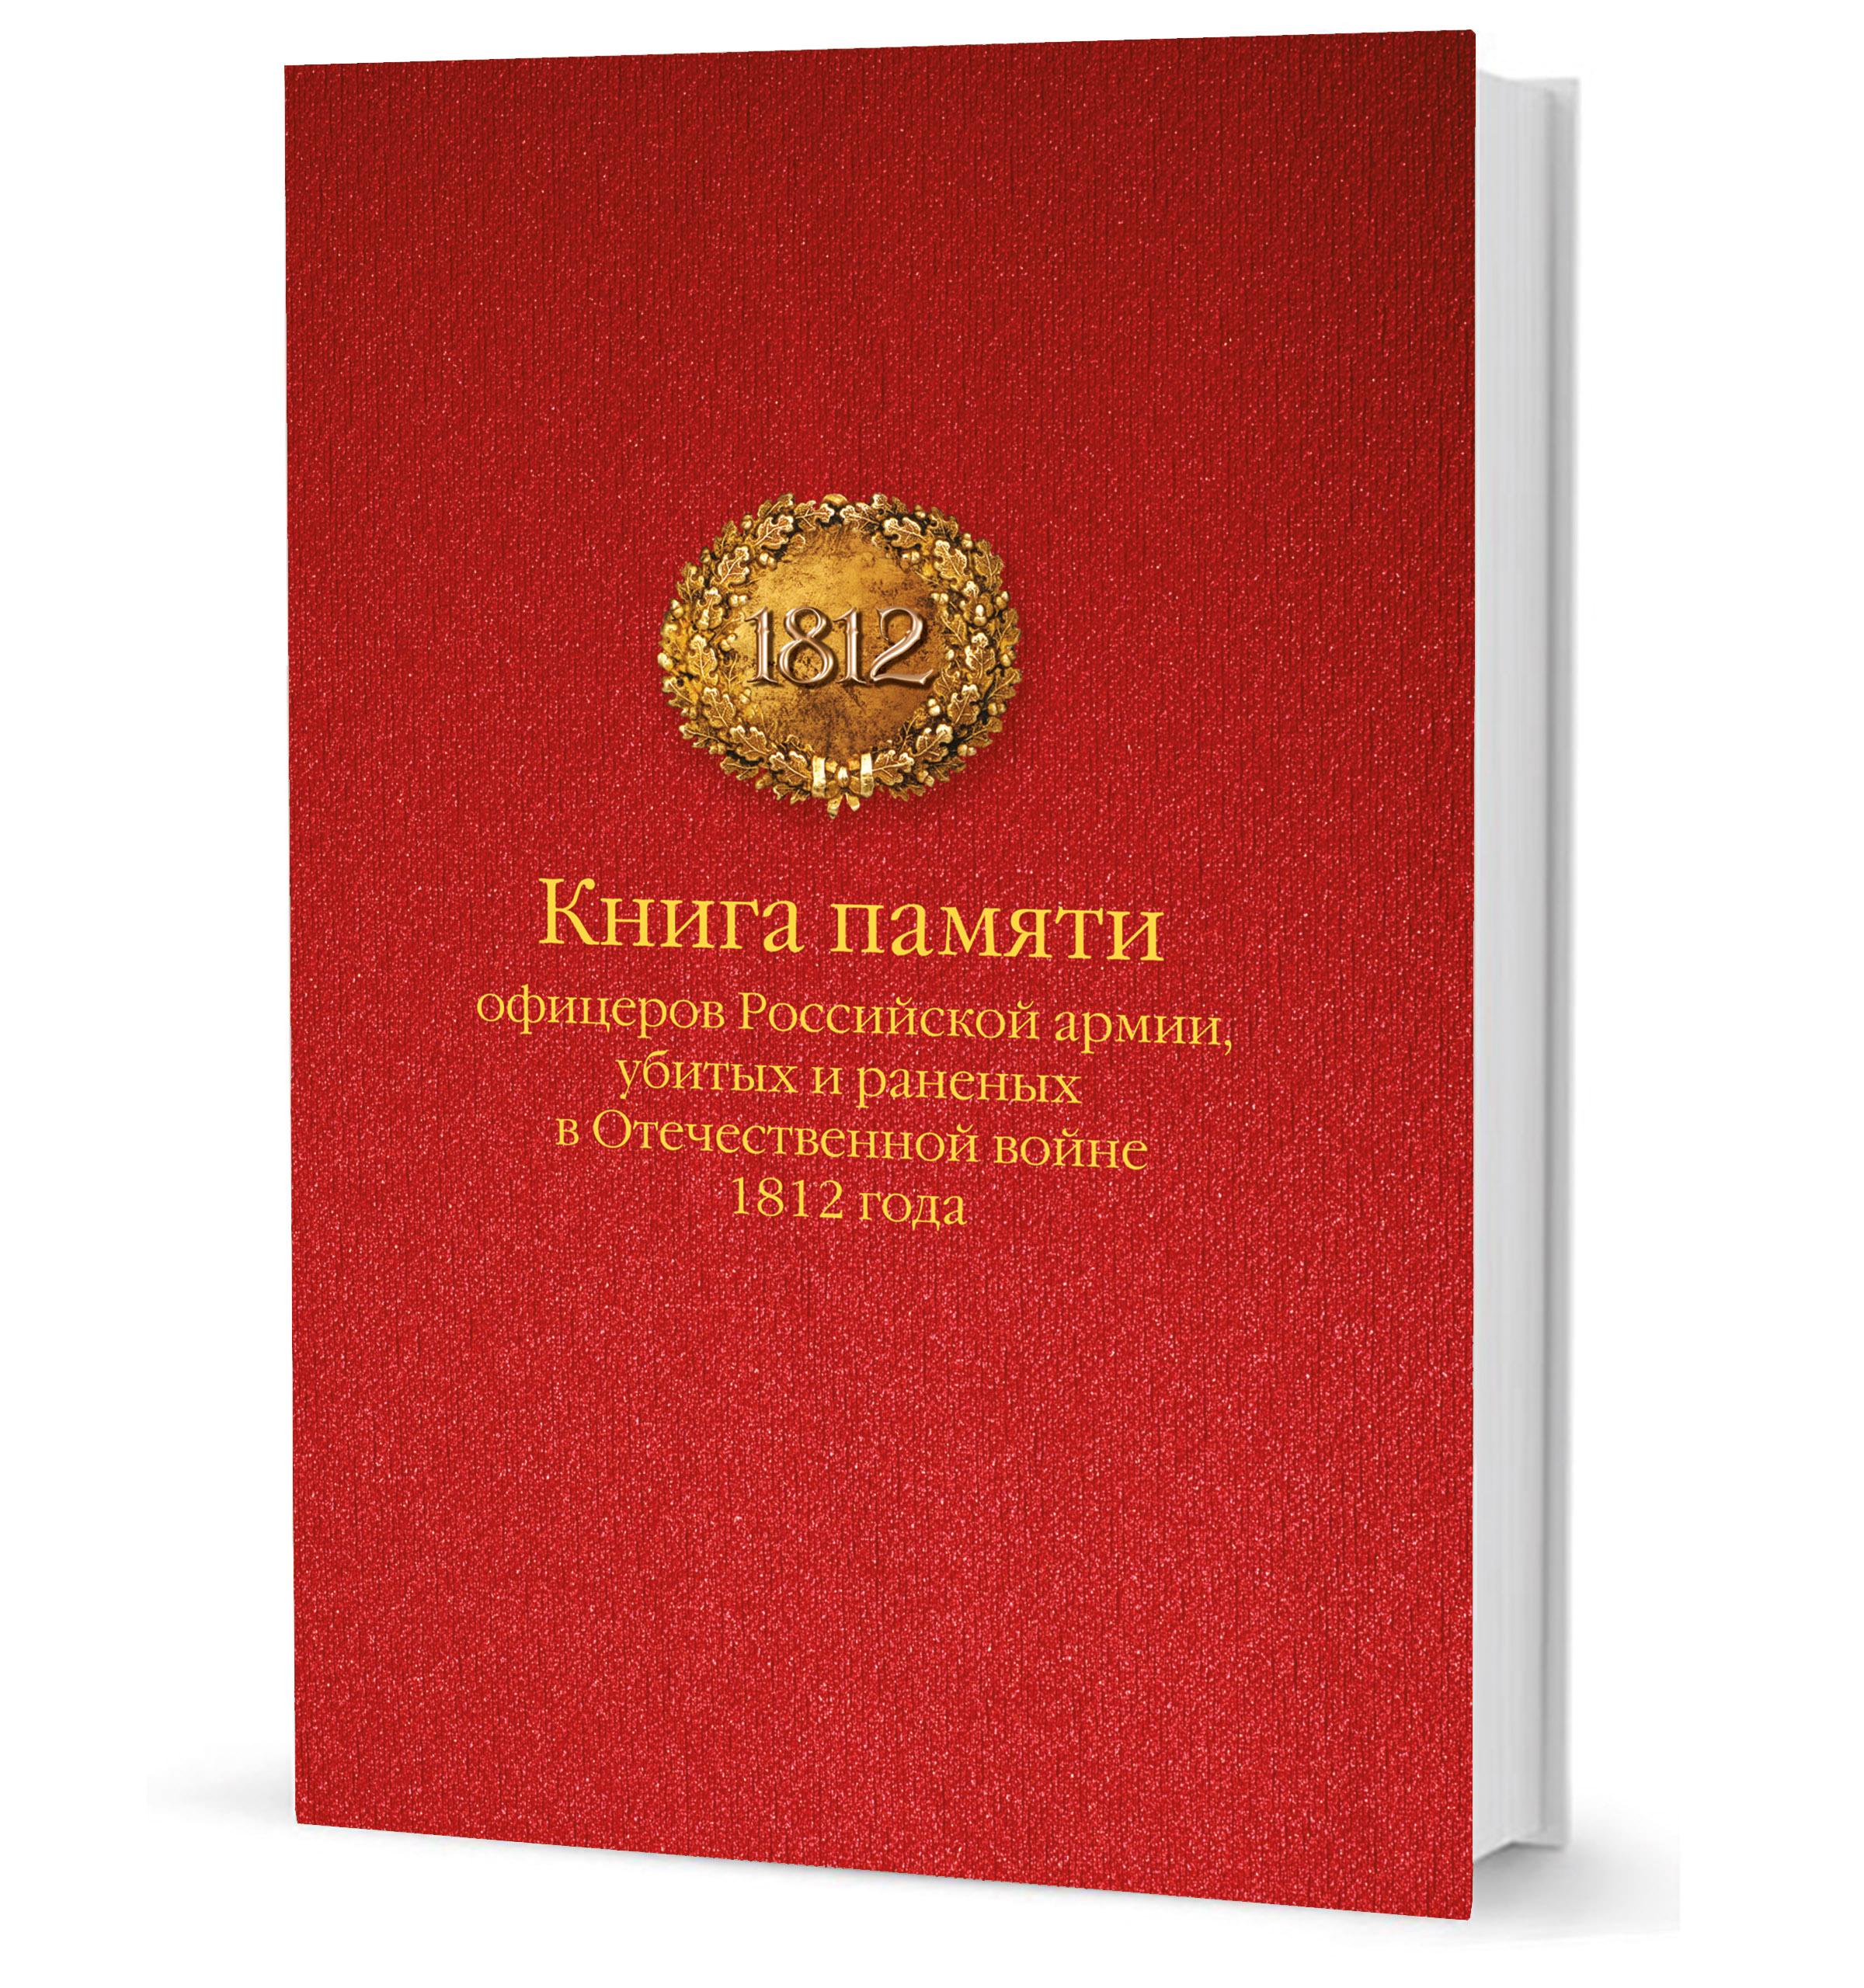 Книга памяти офицеров Российской армии,убитых и раненых в Отечественной войне 1812 г.